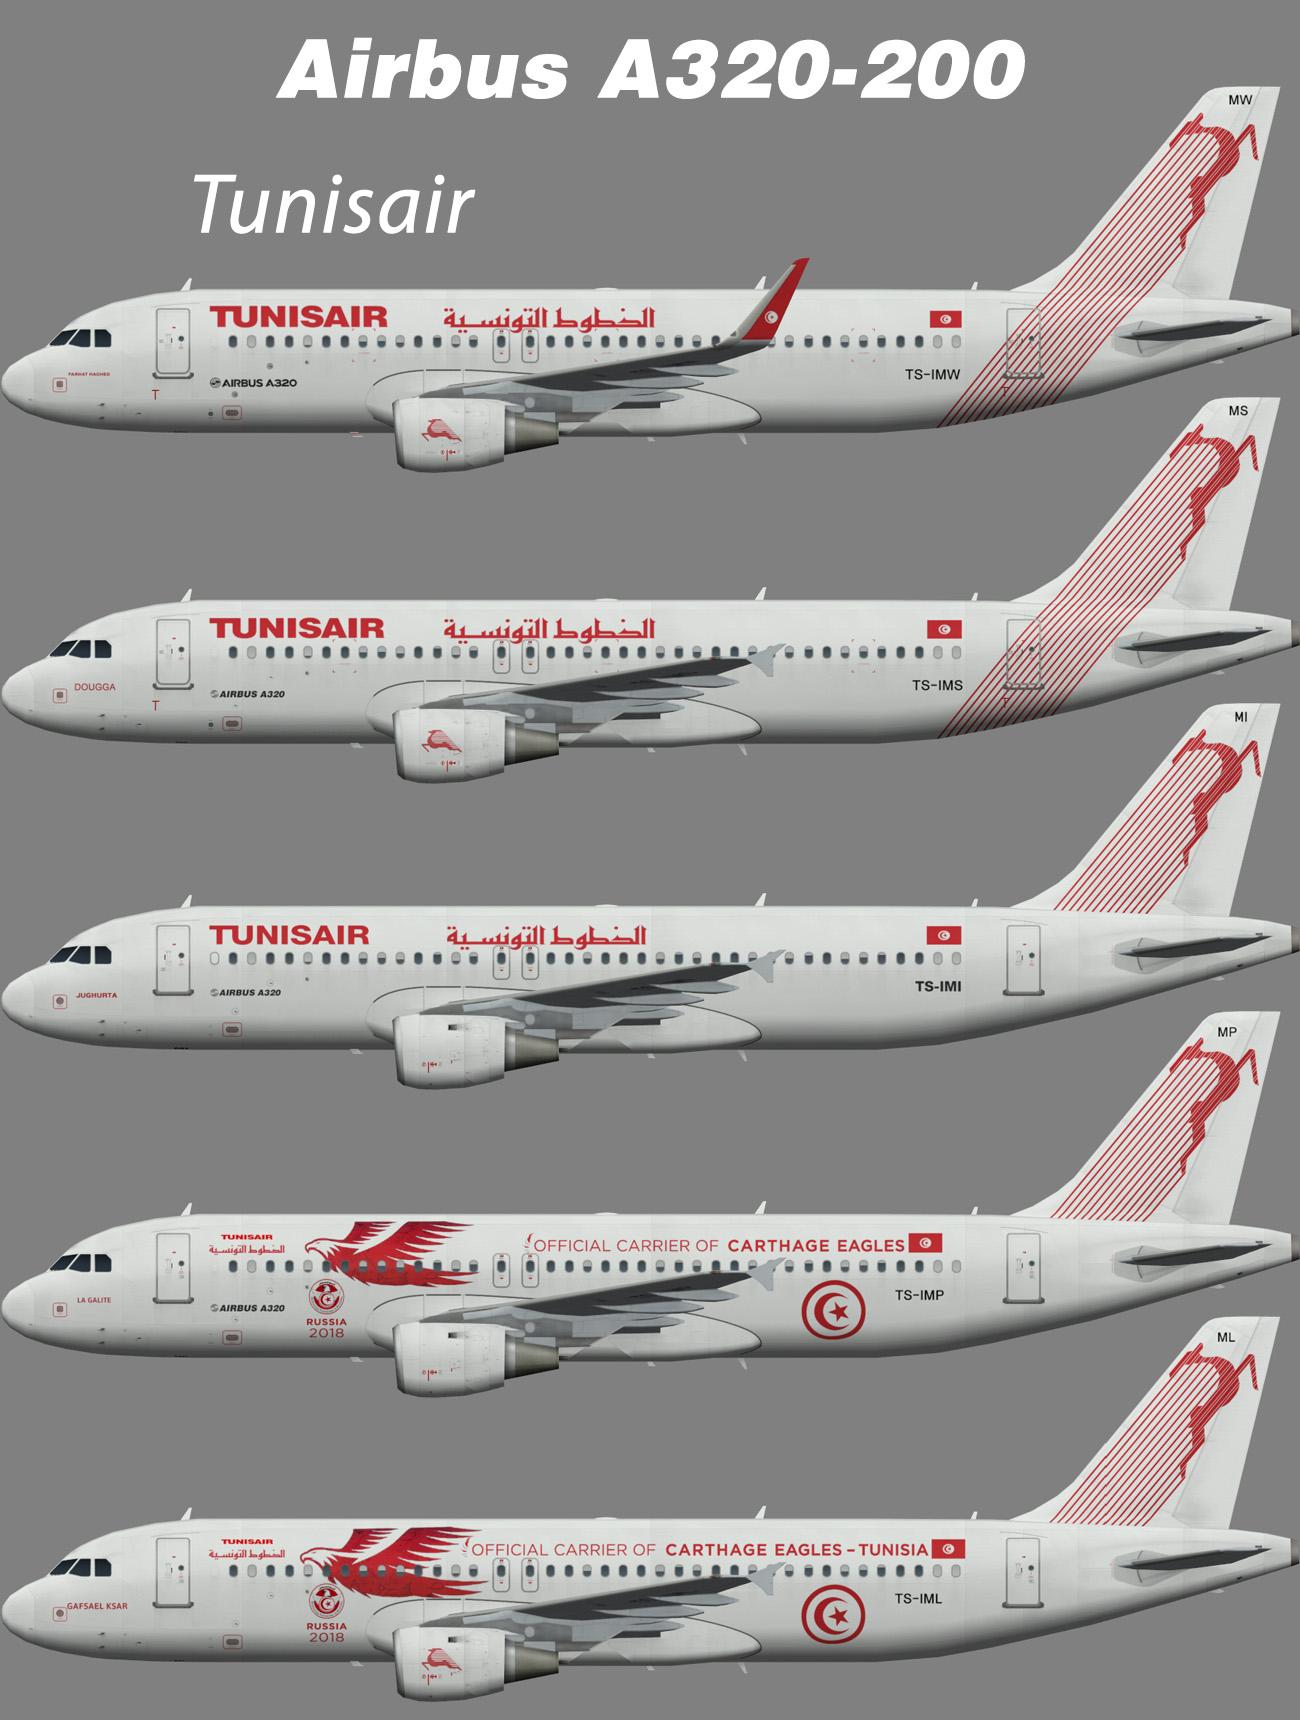 Tunisair Airbus A320-200 – Nils